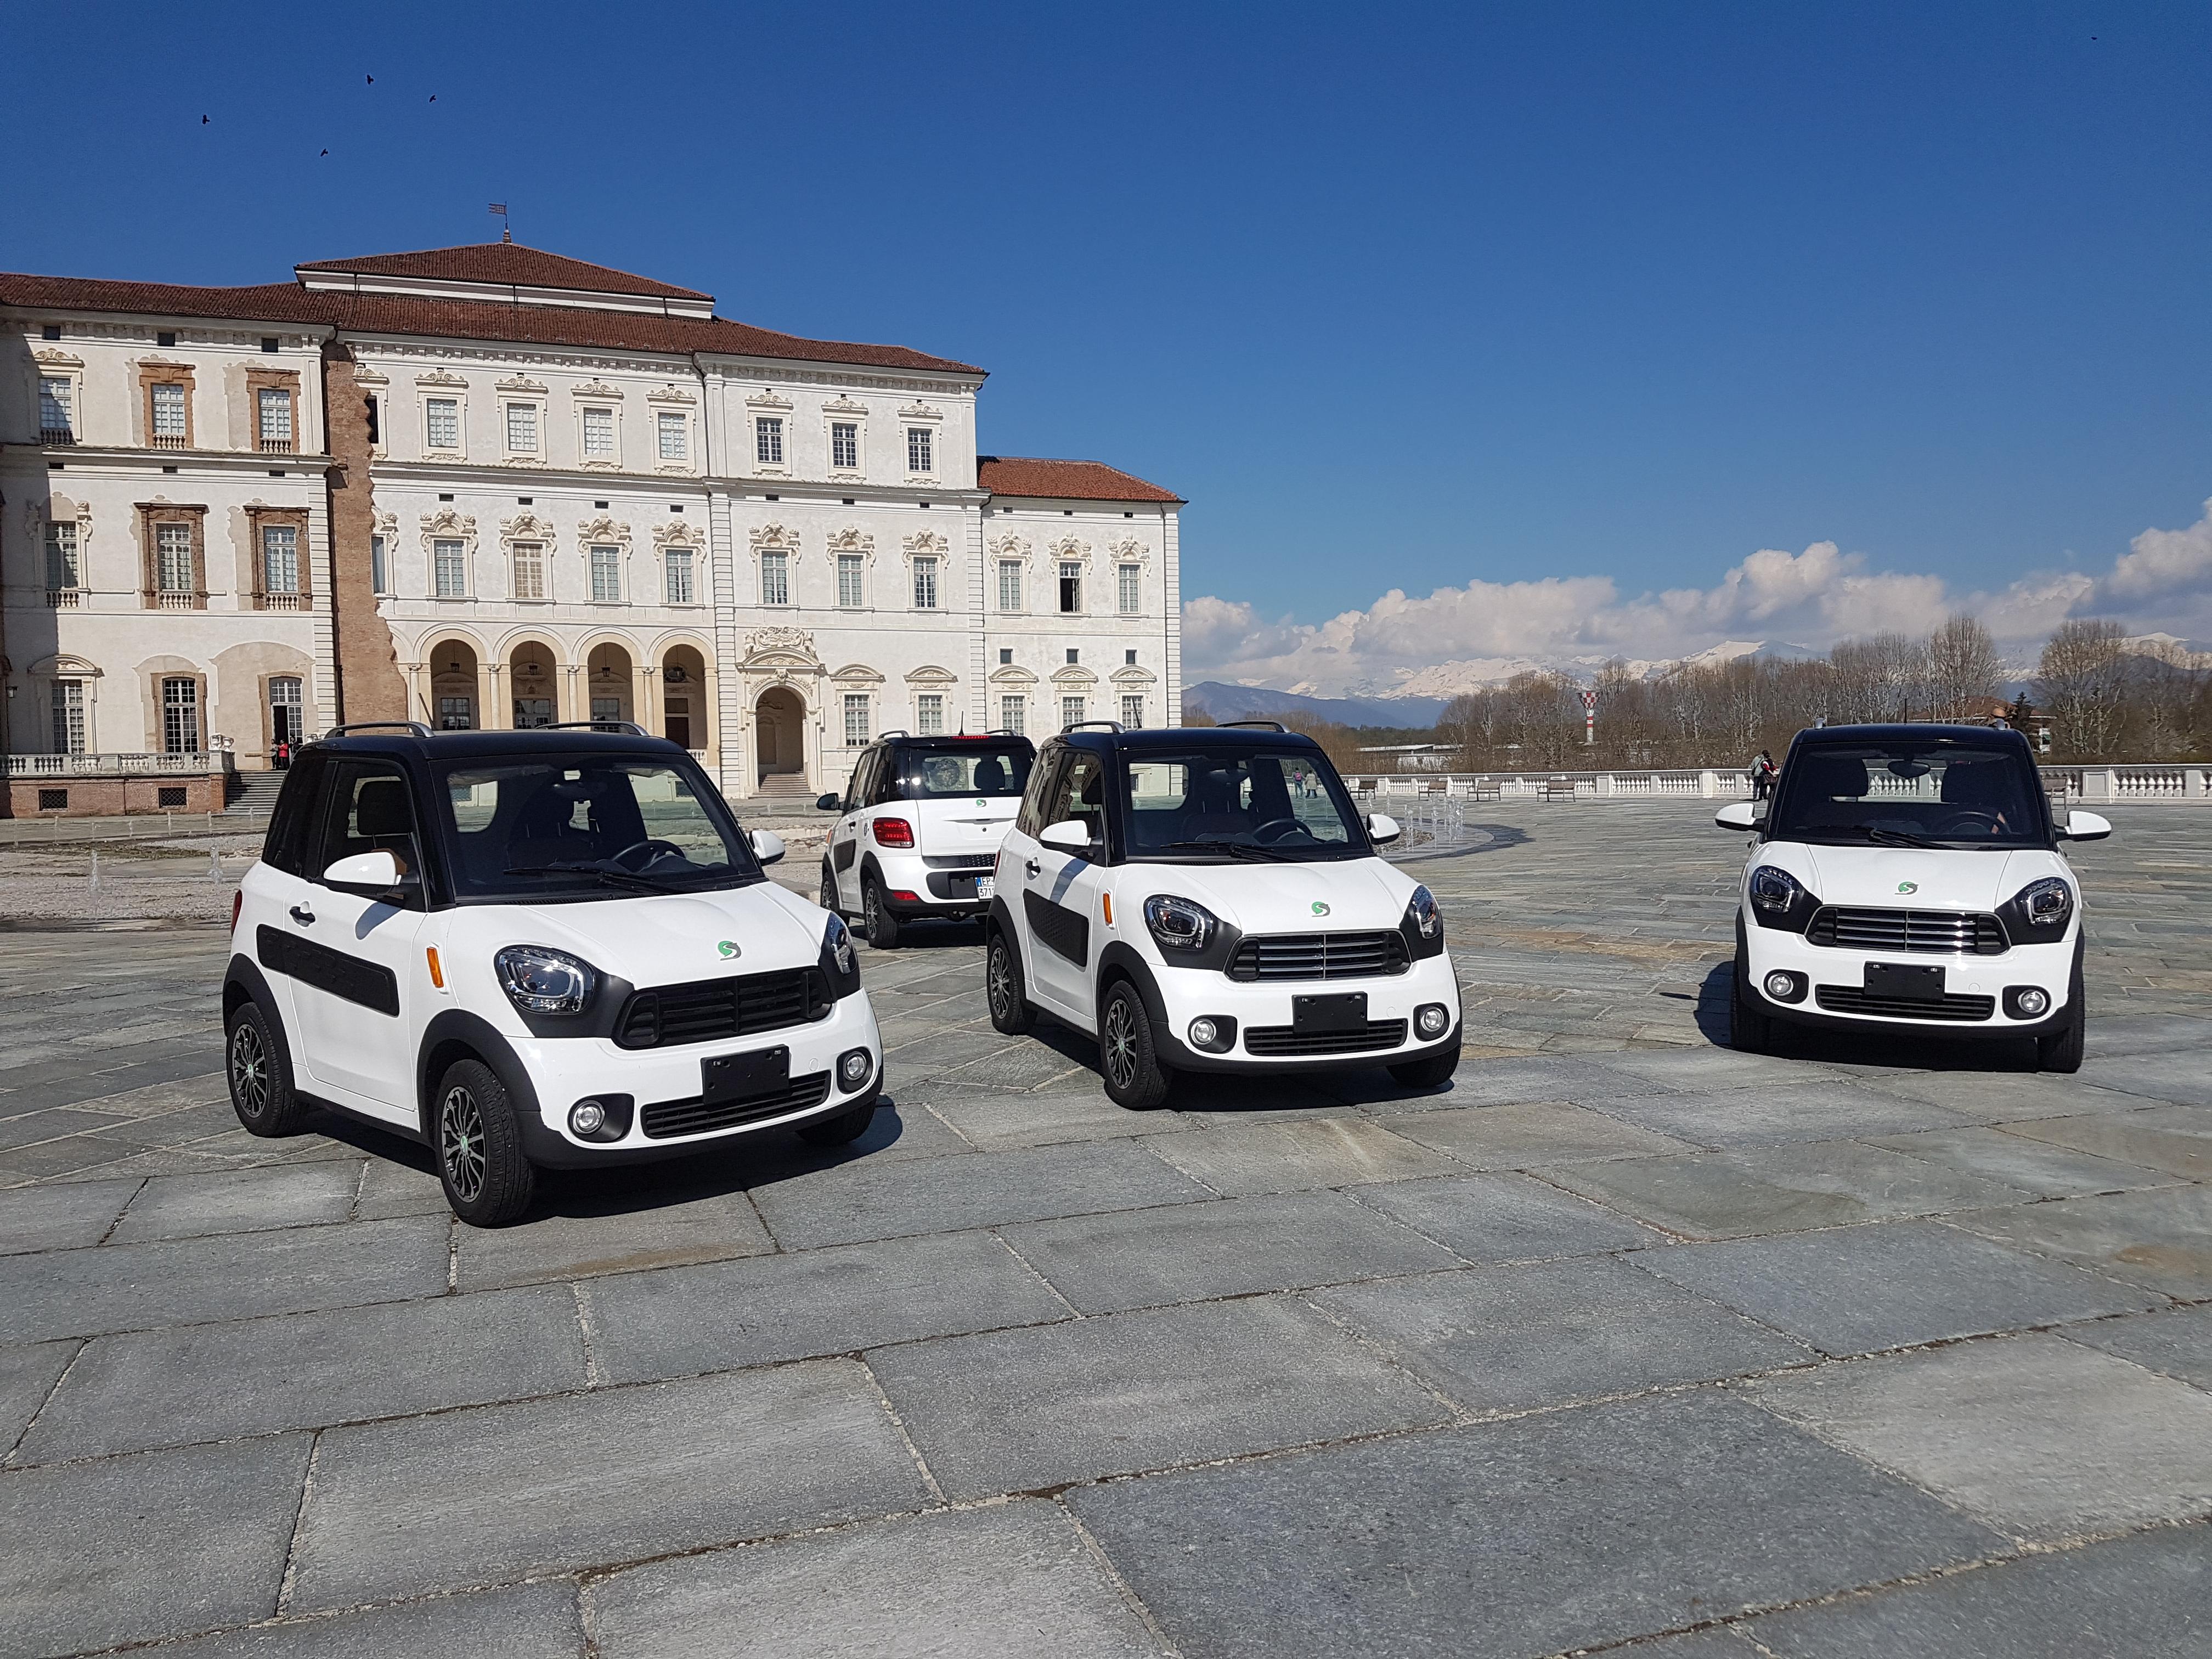 Progetto Europeo Steve: oggi consegnate ai sindaci di Torino e Venaria le chiavi dei quadricicli elettrici